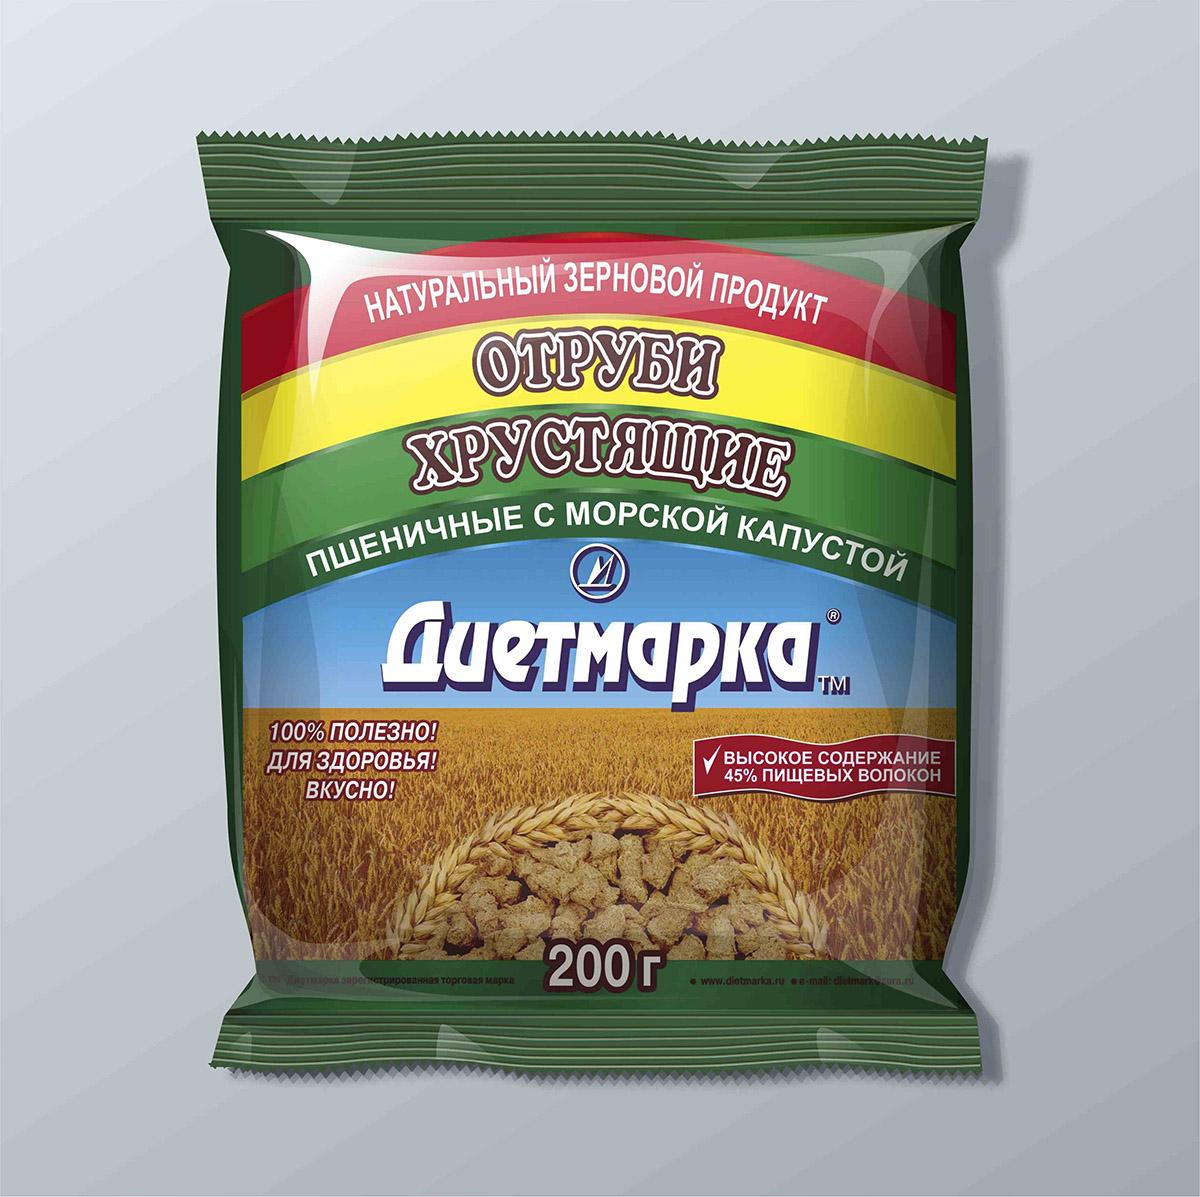 Отруби хрустящие пшеничные с МОРСКОЙ КАПУСТОЙ, 200 гр, ДиетМарка фото